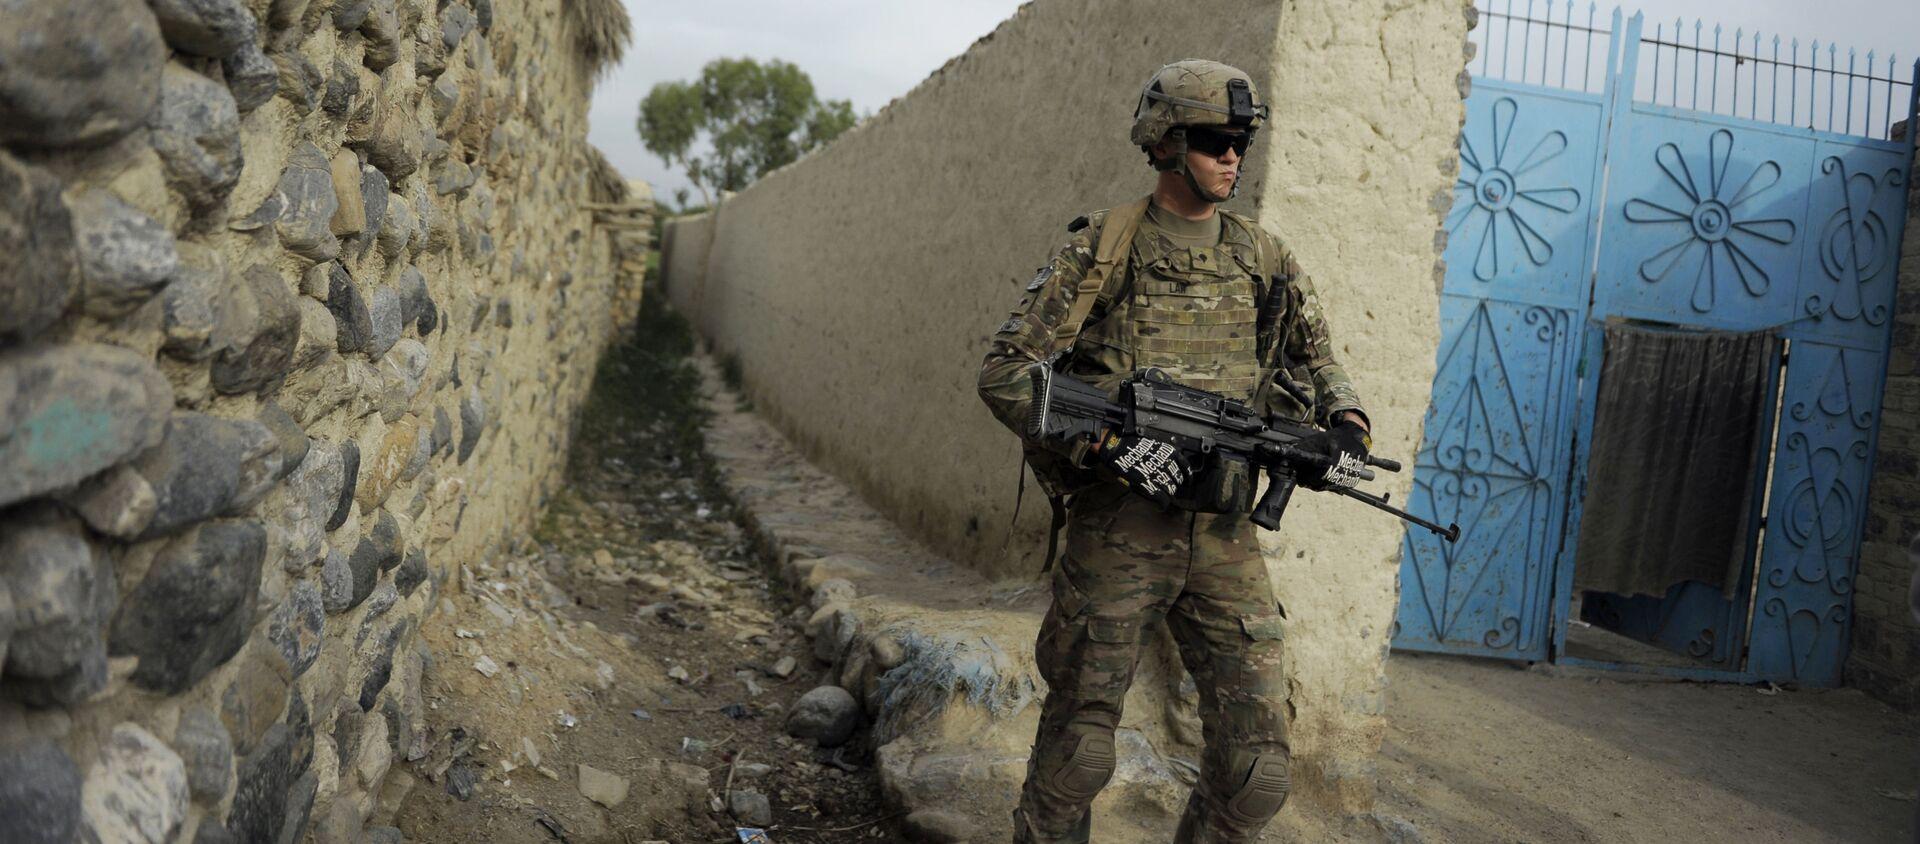 NATO không muốn để quân Mỹ rút khỏi Afghanistan - Sputnik Việt Nam, 1920, 09.05.2021